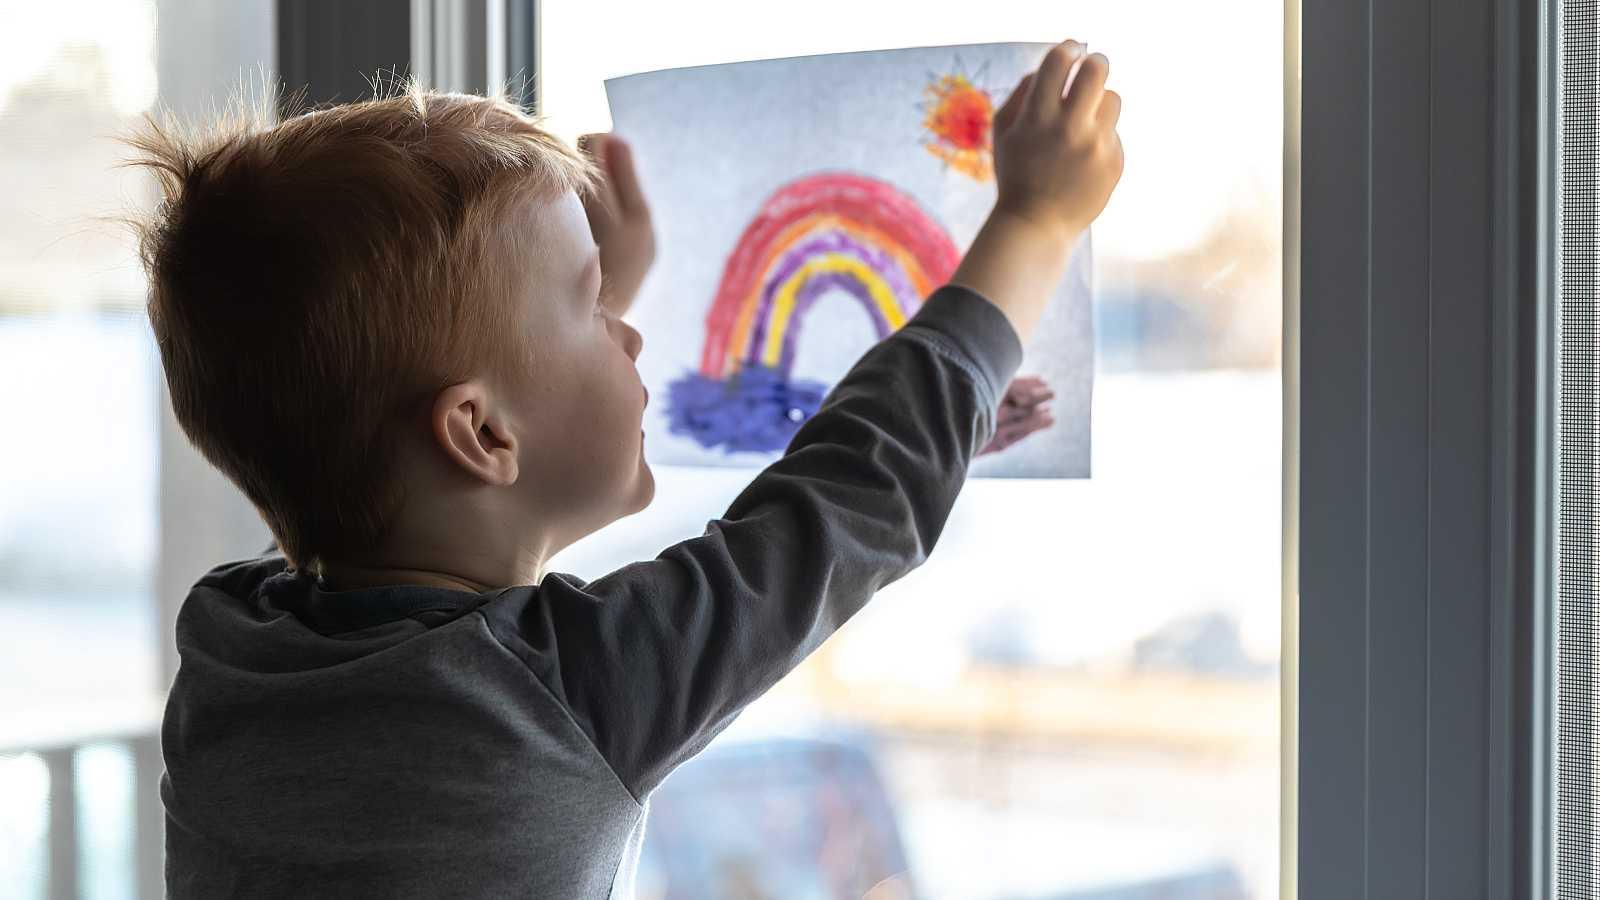 Un niño cuelga un dibujo con un arco iris durante el confinamiento domiciliario.